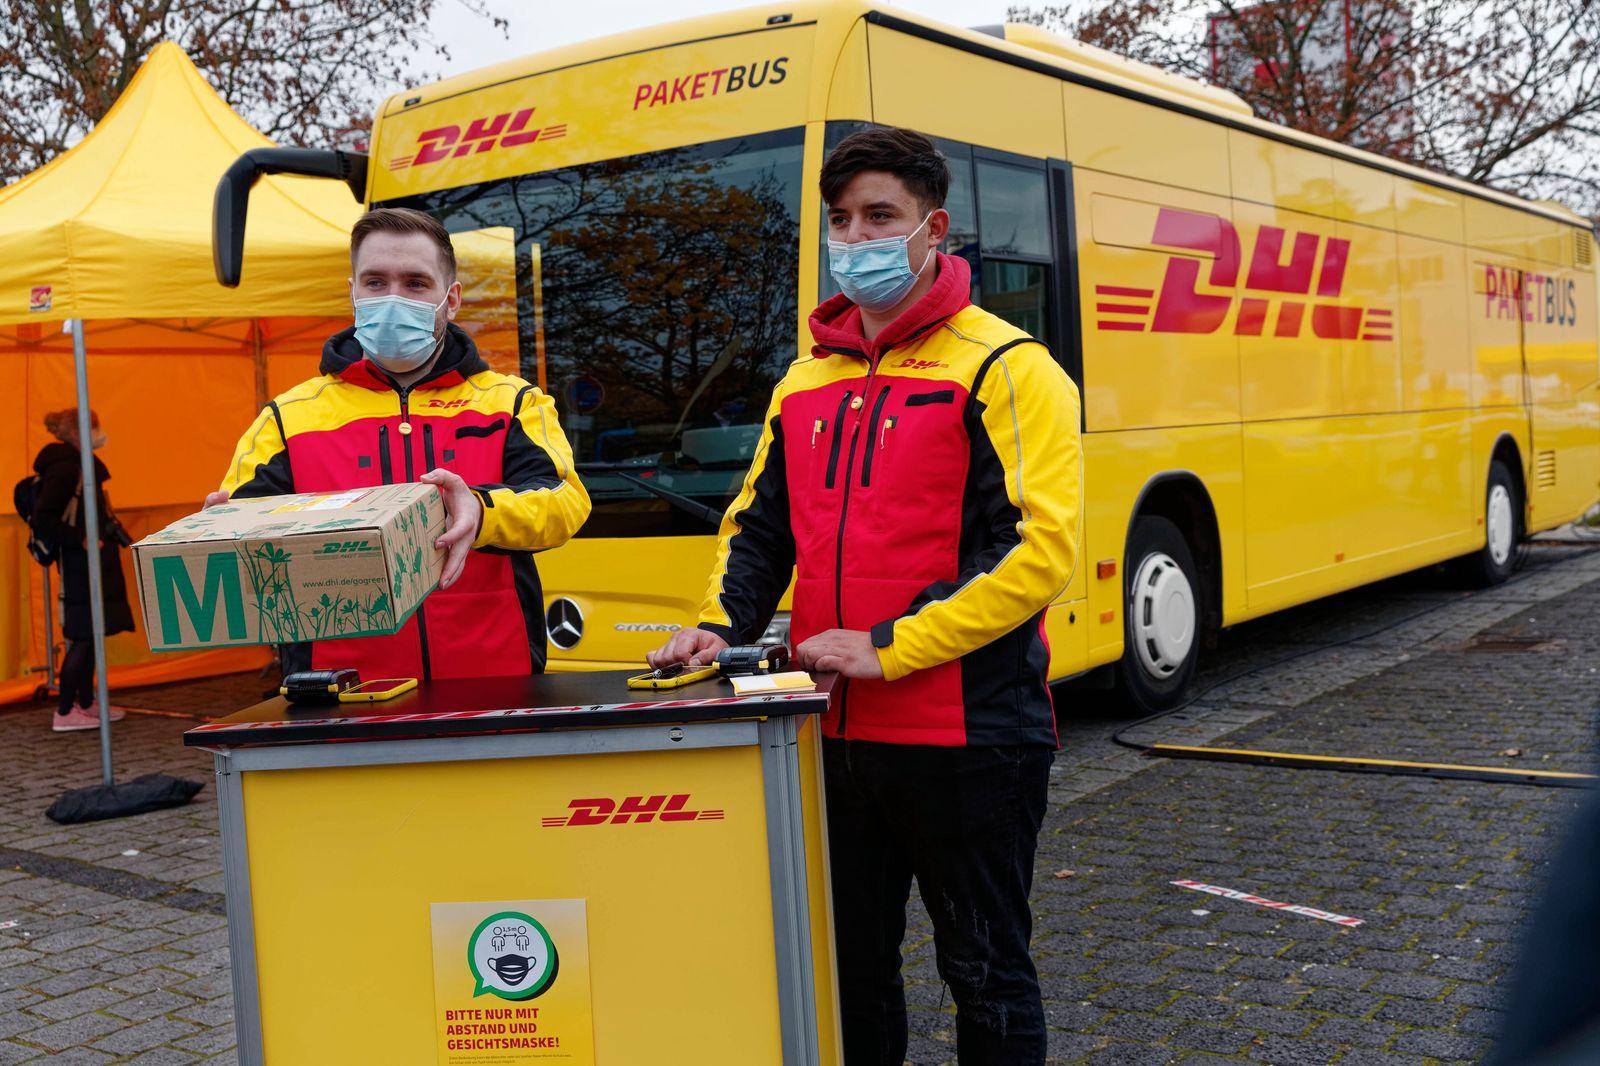 DHL-Paketbusse im Corona-Einsatz 2020-11-18, Berlin, Deutschland - Pakete im Freien abgeben oder abholen - DHL testet P